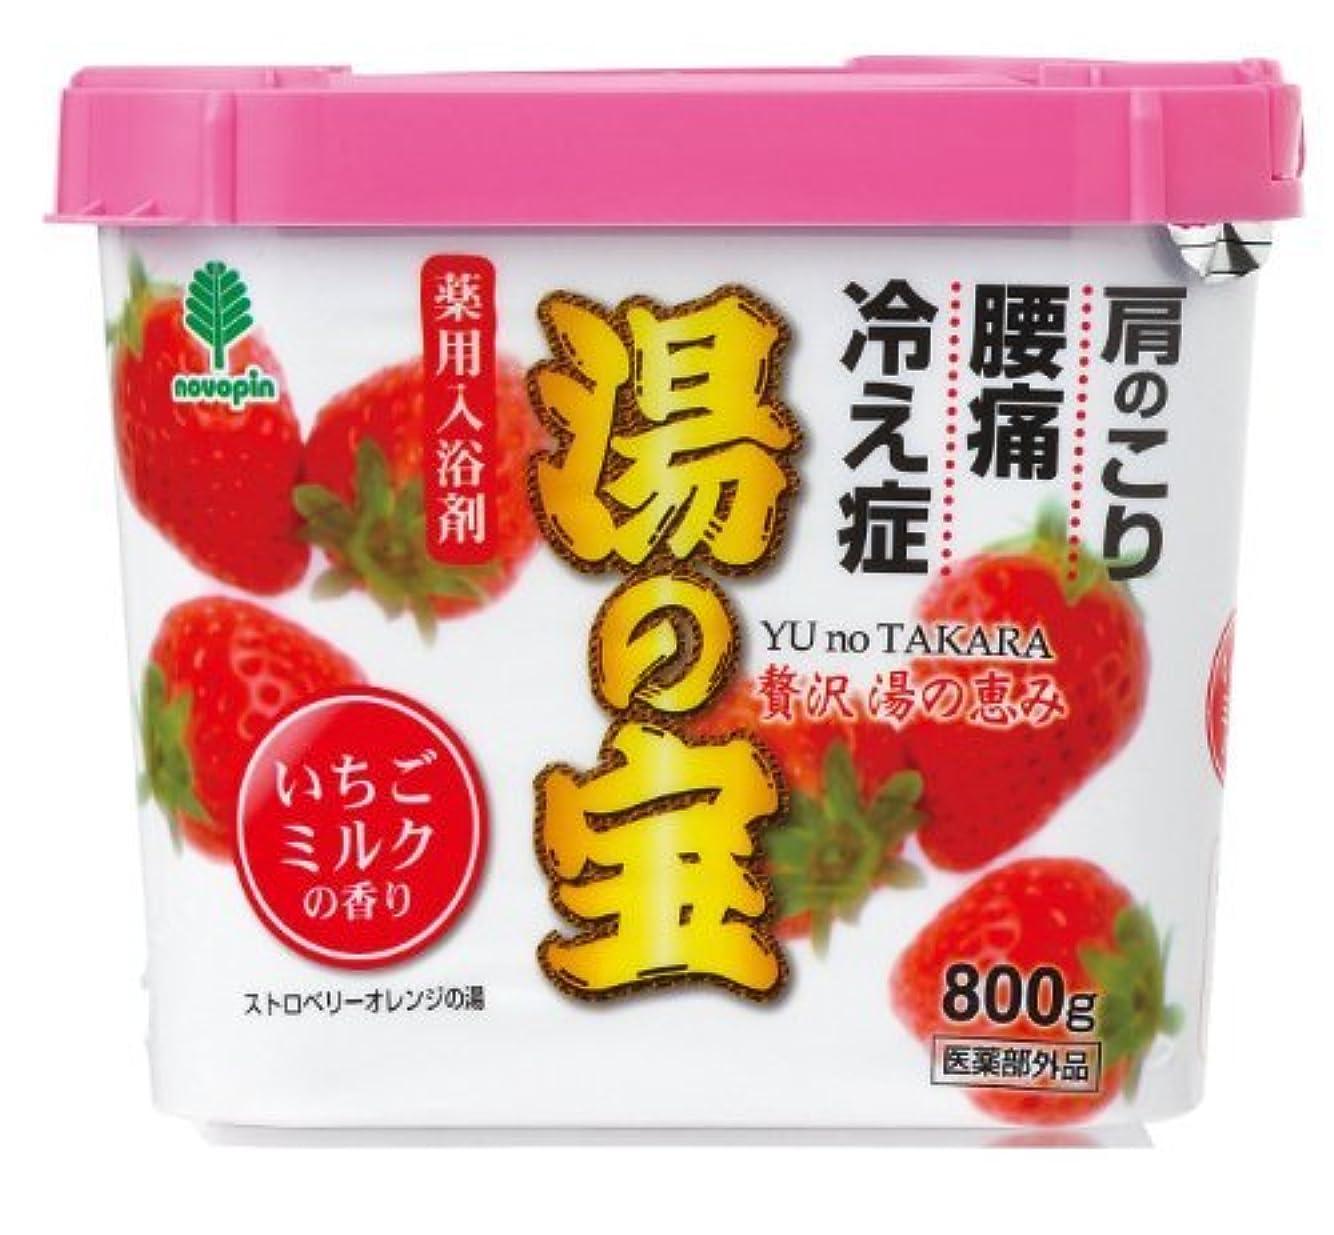 紀陽除虫菊 湯の宝 いちごミルクの香り 800g【まとめ買い16個セット】 N-0053